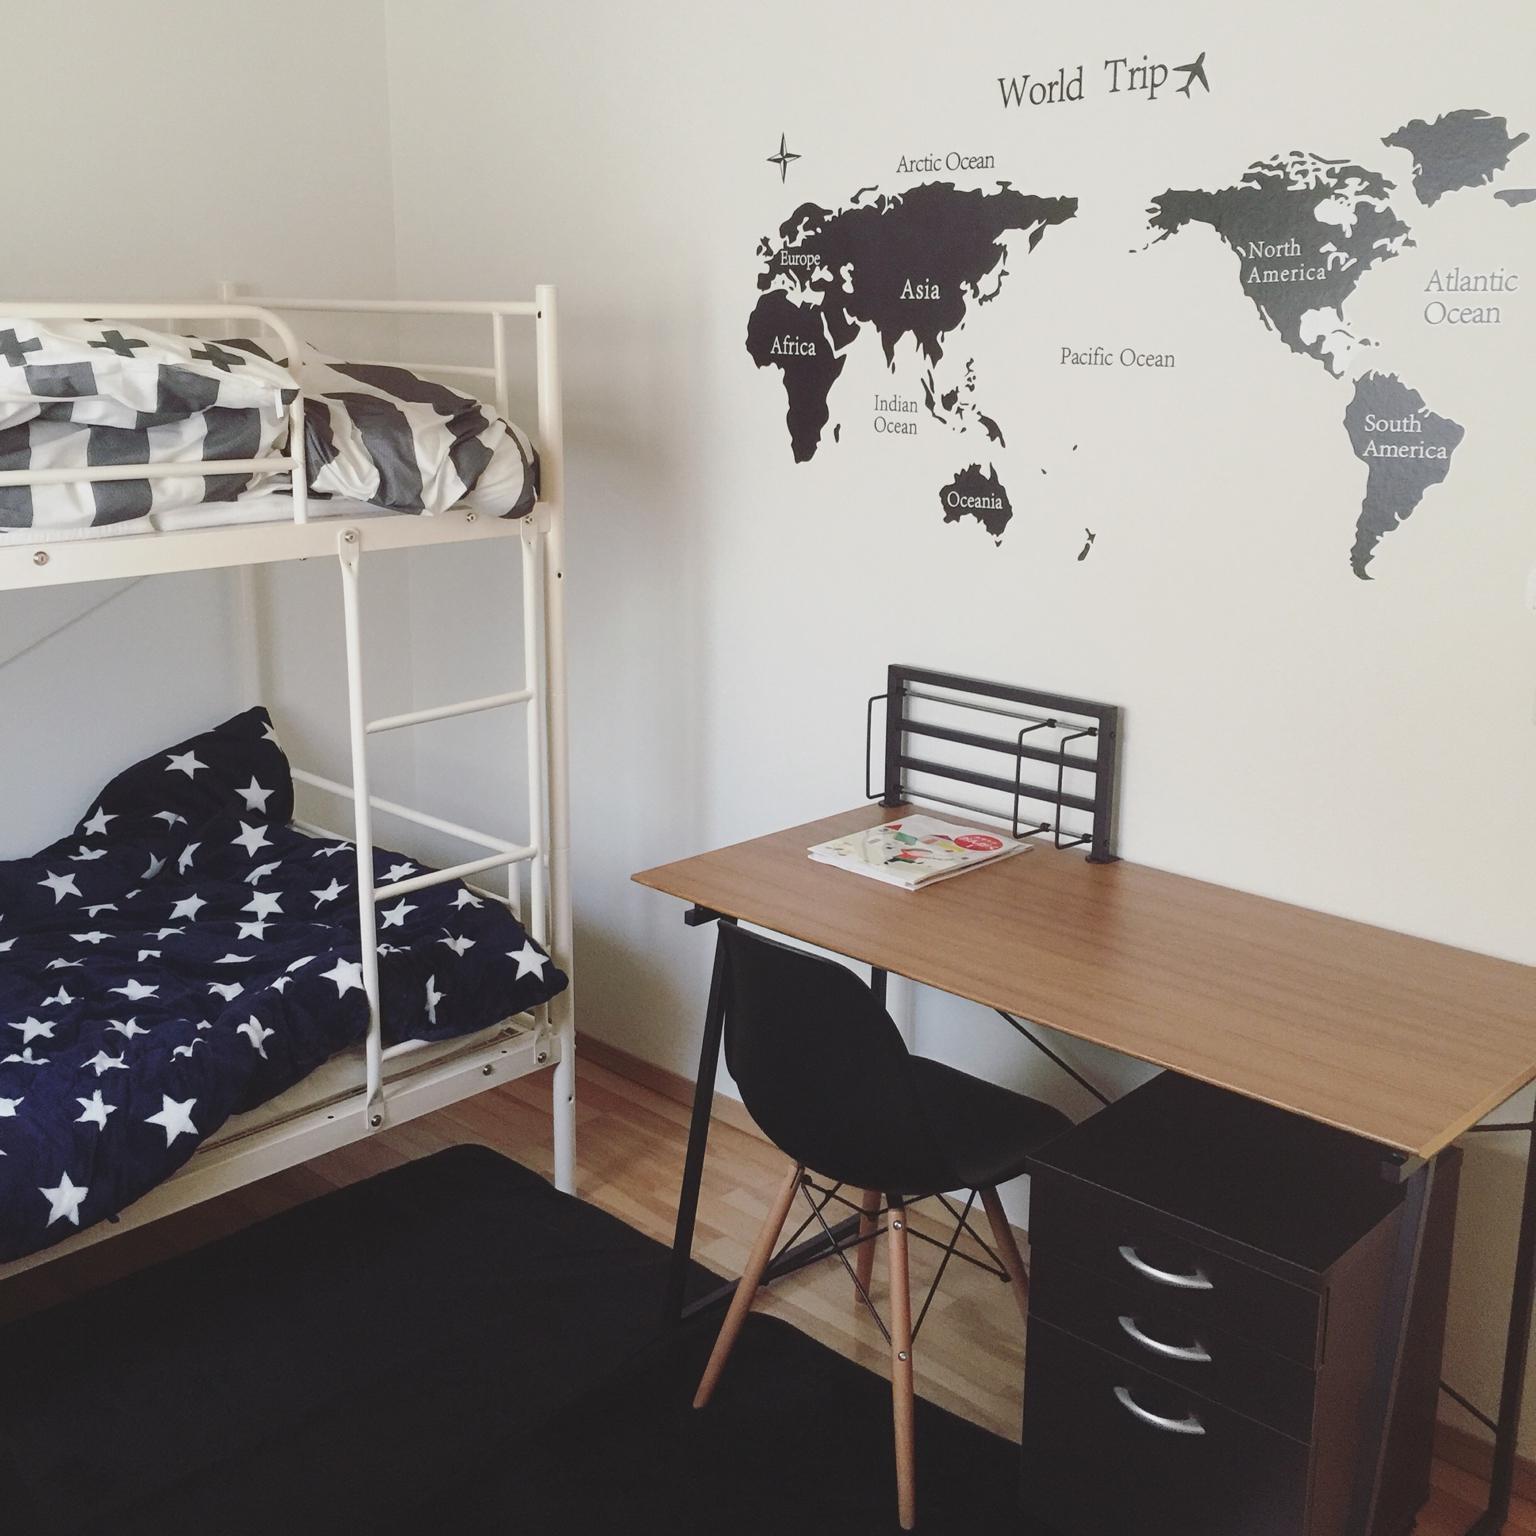 お部屋を広々と使いたい方におすすめ♪大人用の二段ベッド!のサムネイル画像